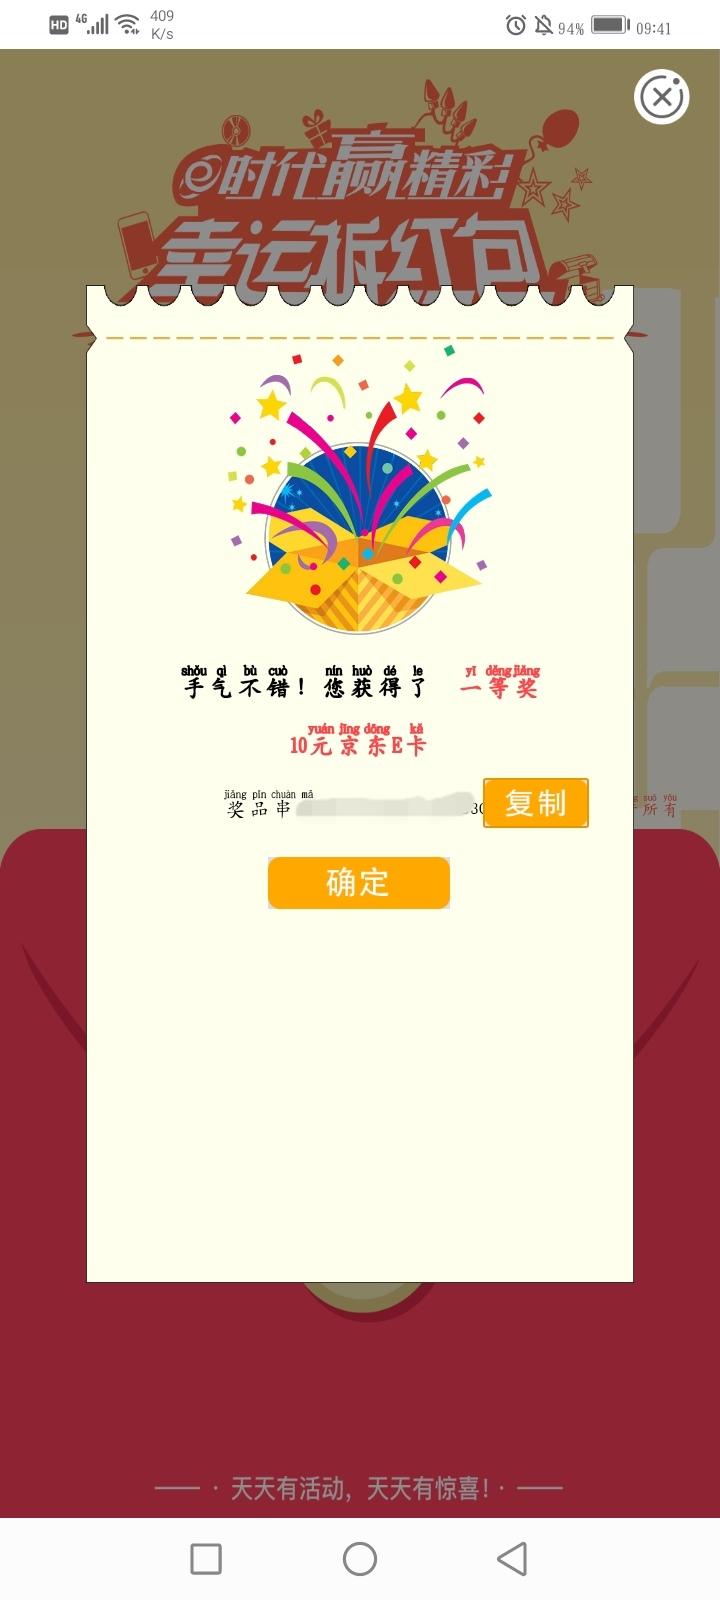 农业北京电子卡插图1